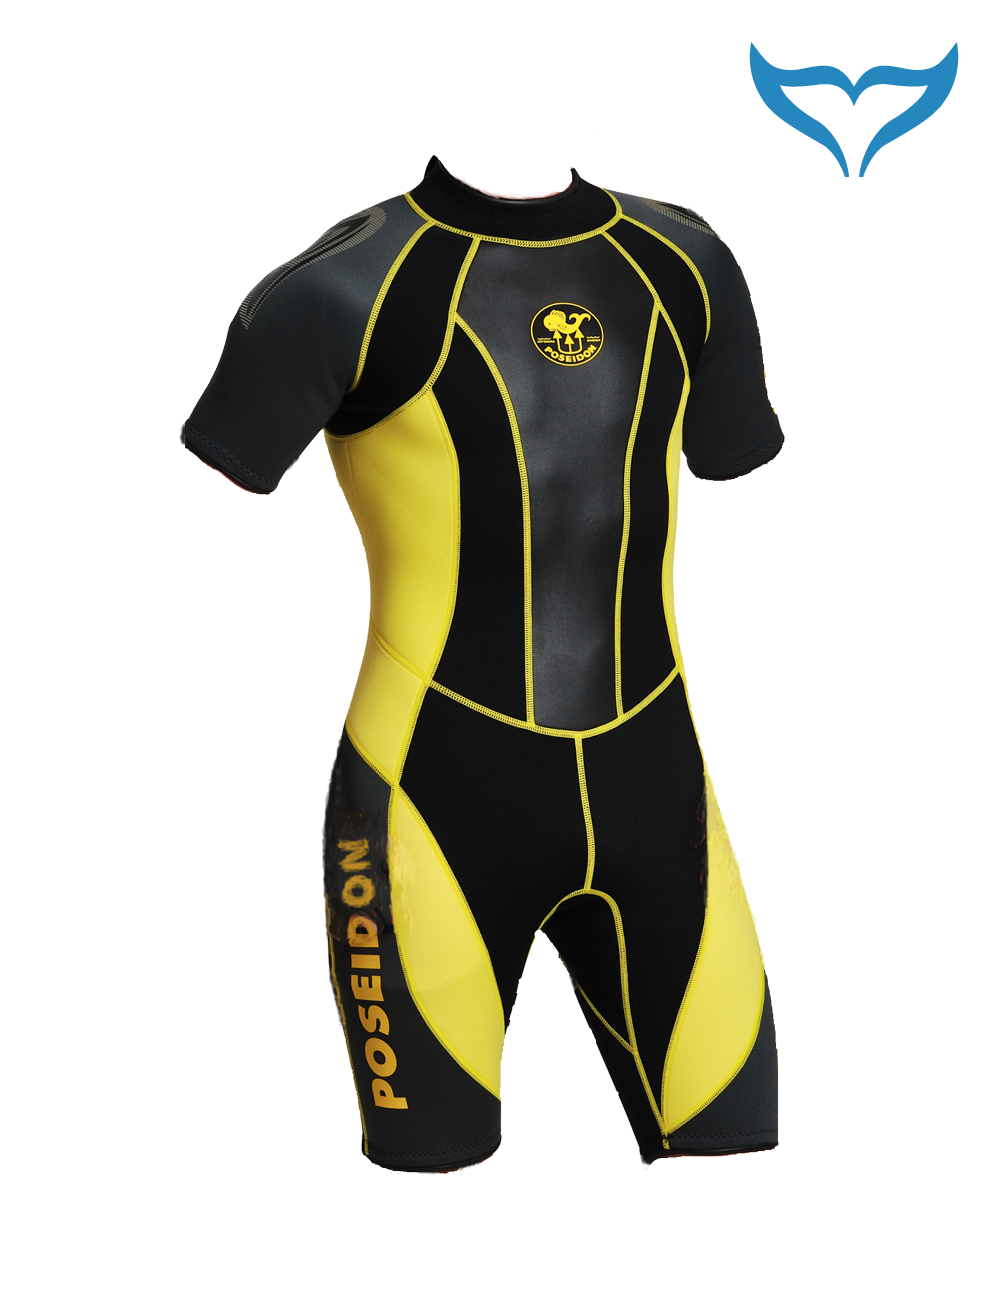 Poseidon Poseidon Poseidon Wetsuit Journey Shorty XS - XXL 3mm schwarz gelb Neopren female Damen N 5c2fbd